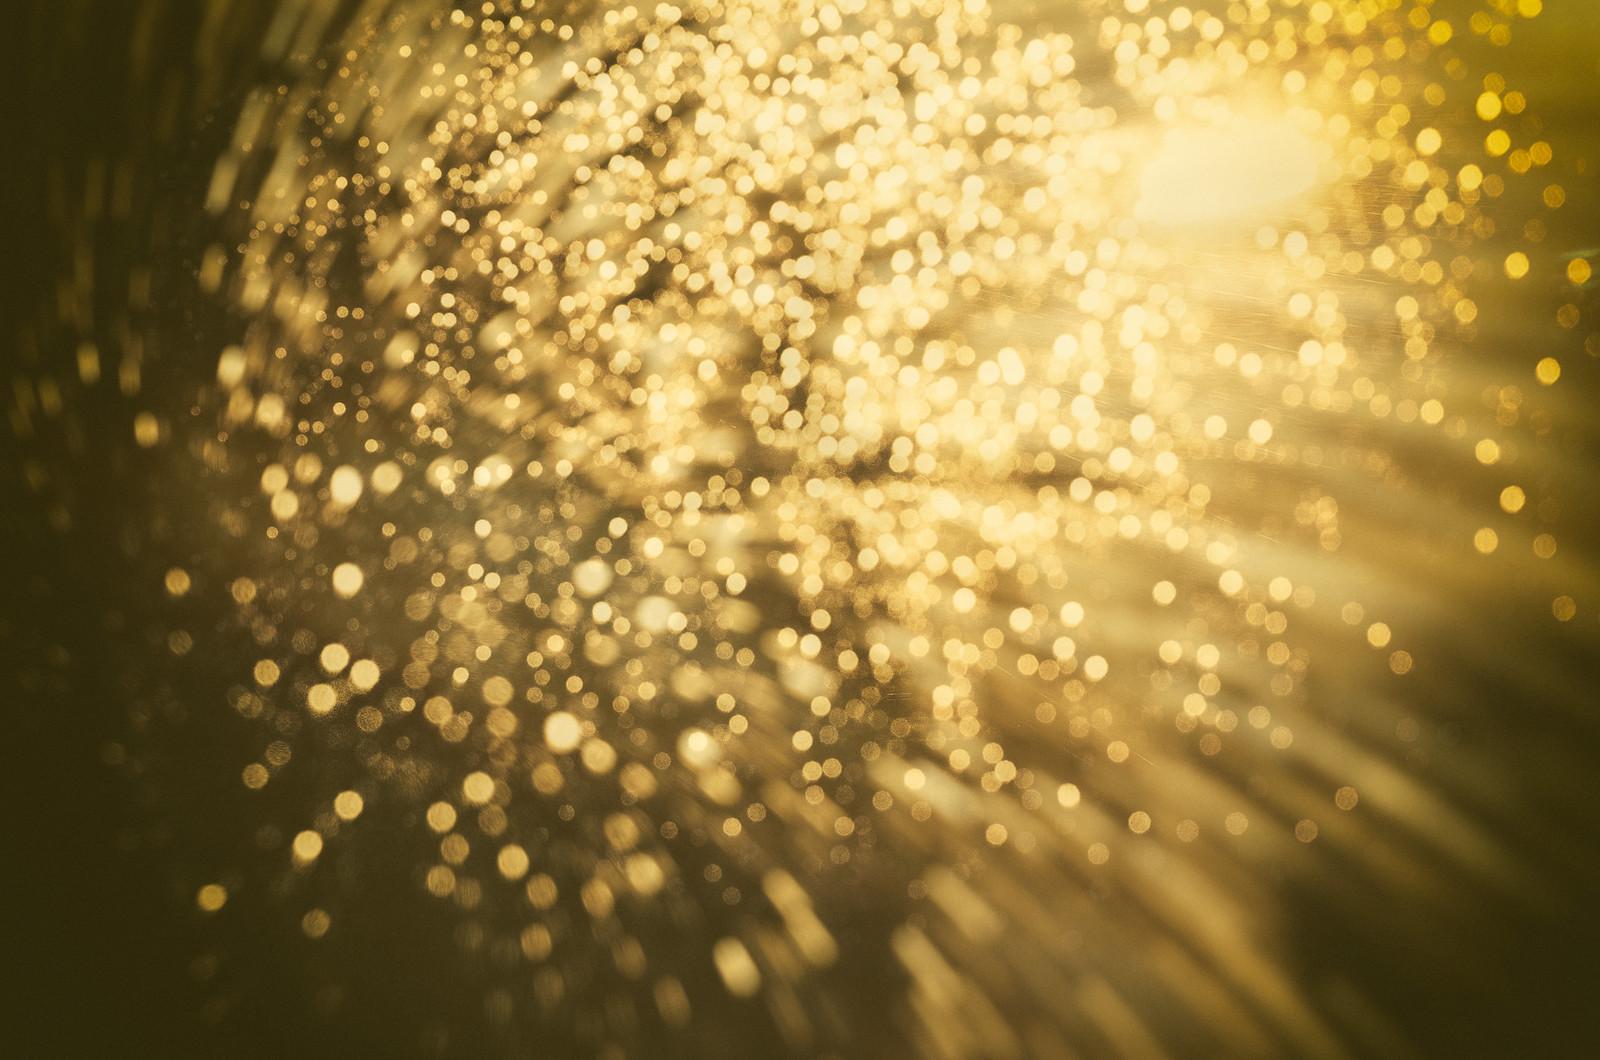 Raindrops shining